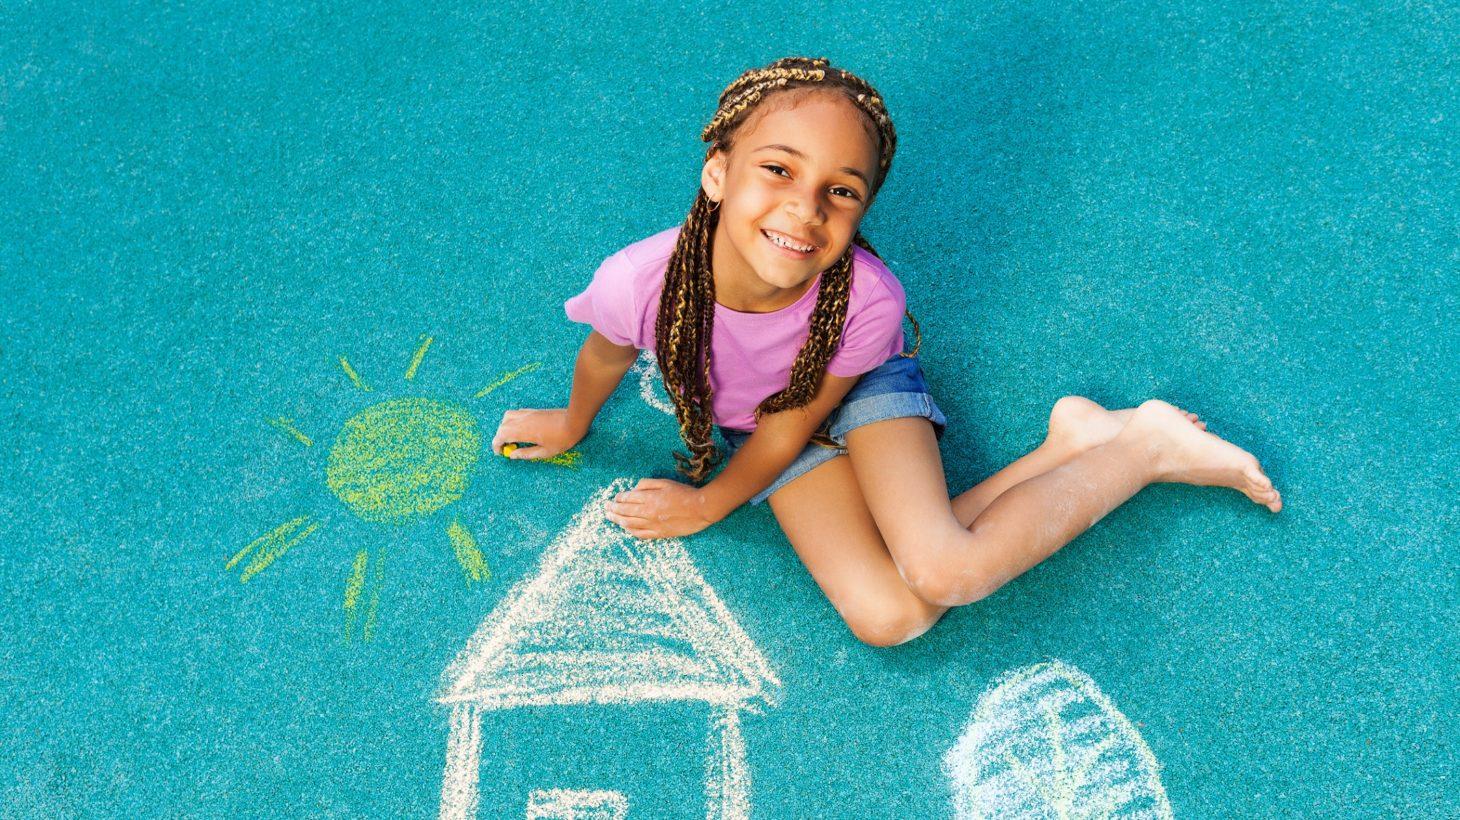 Ett barn med flätor sitter på en markteckning av ett hus och en sol, tittar upp mot kameran och ler.